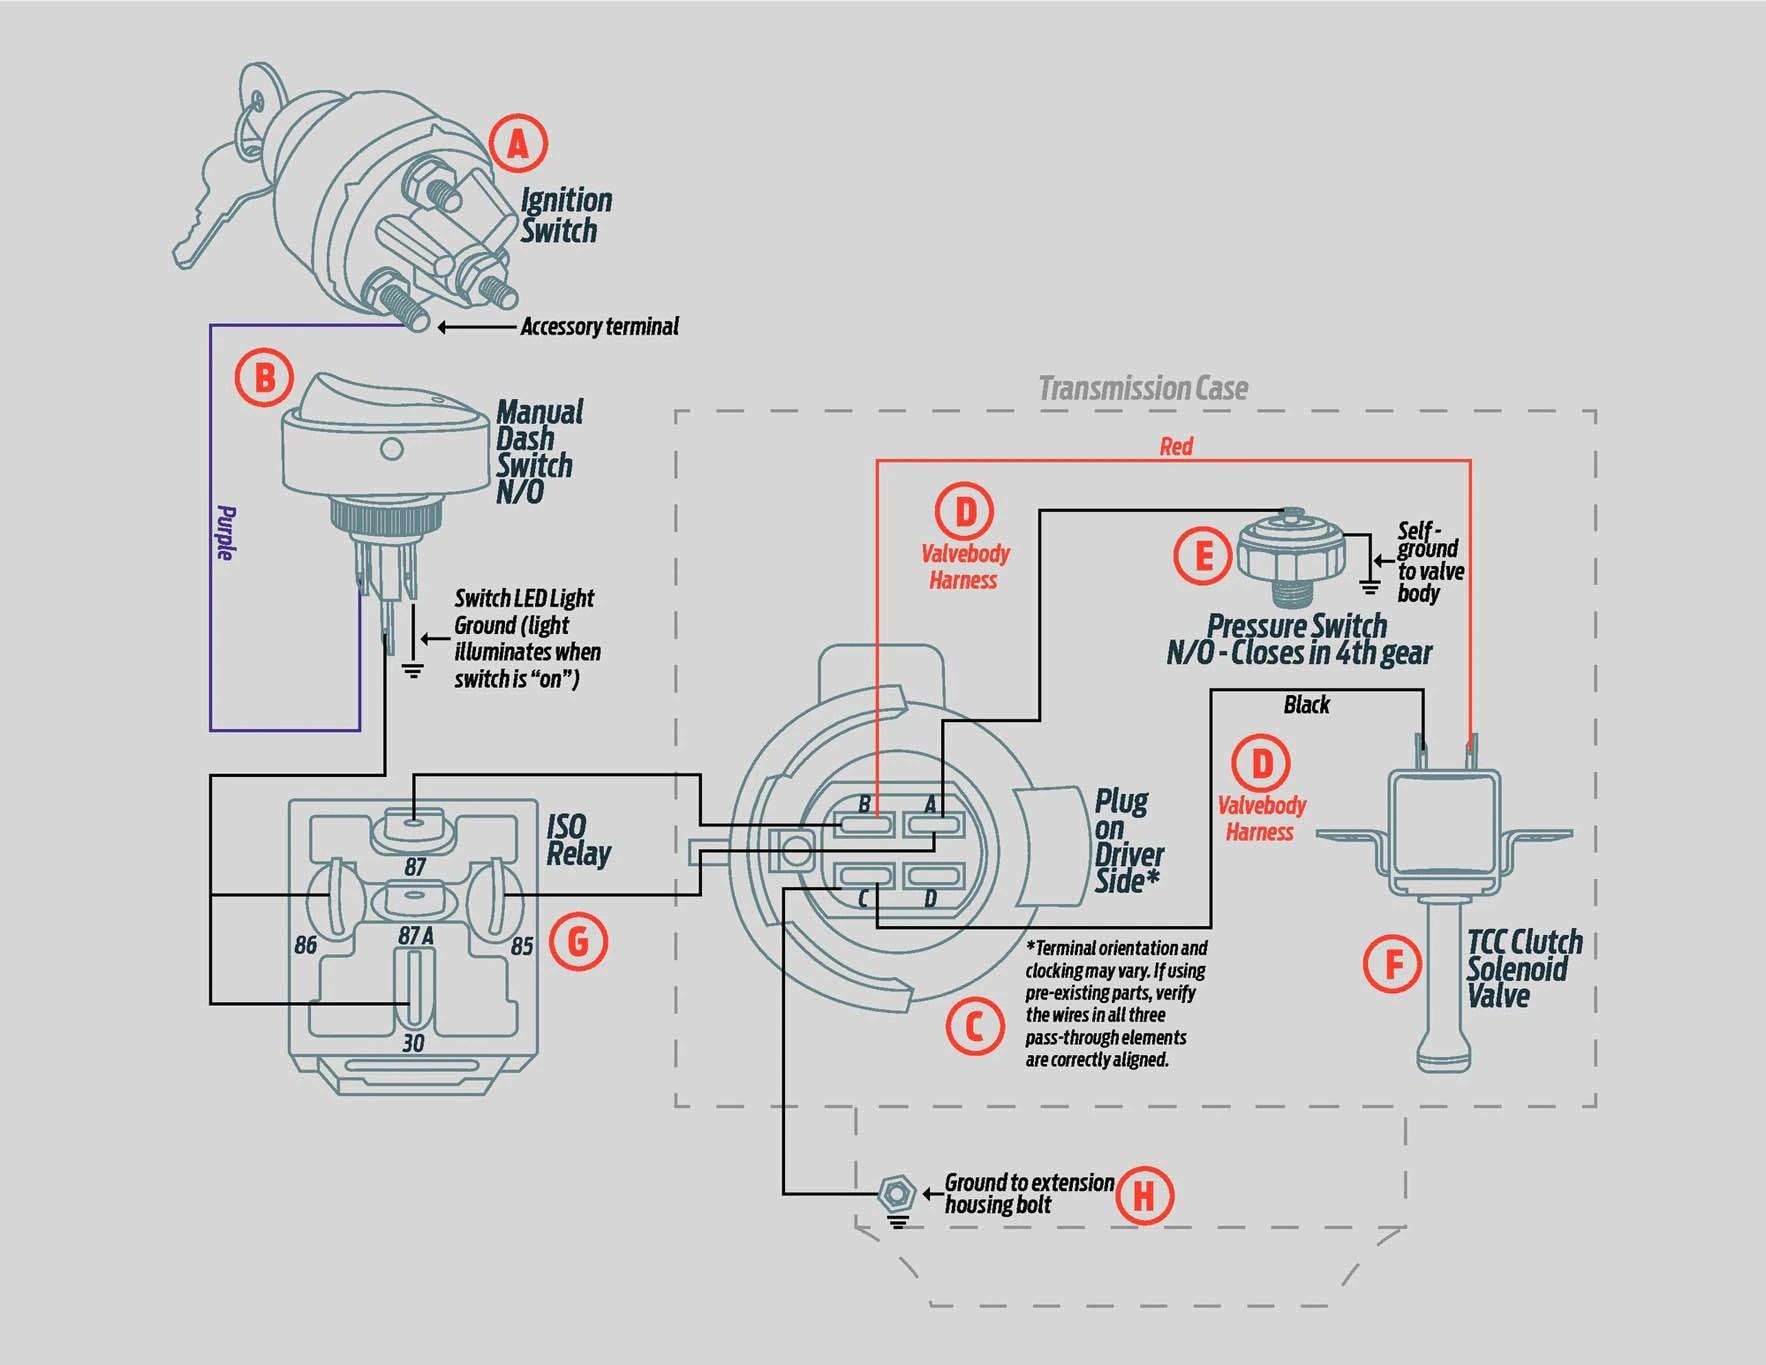 700r4 wiring diagram for 1989 wiring diagram blog 700r transmission wiring diagram 1986 [ 1766 x 1365 Pixel ]